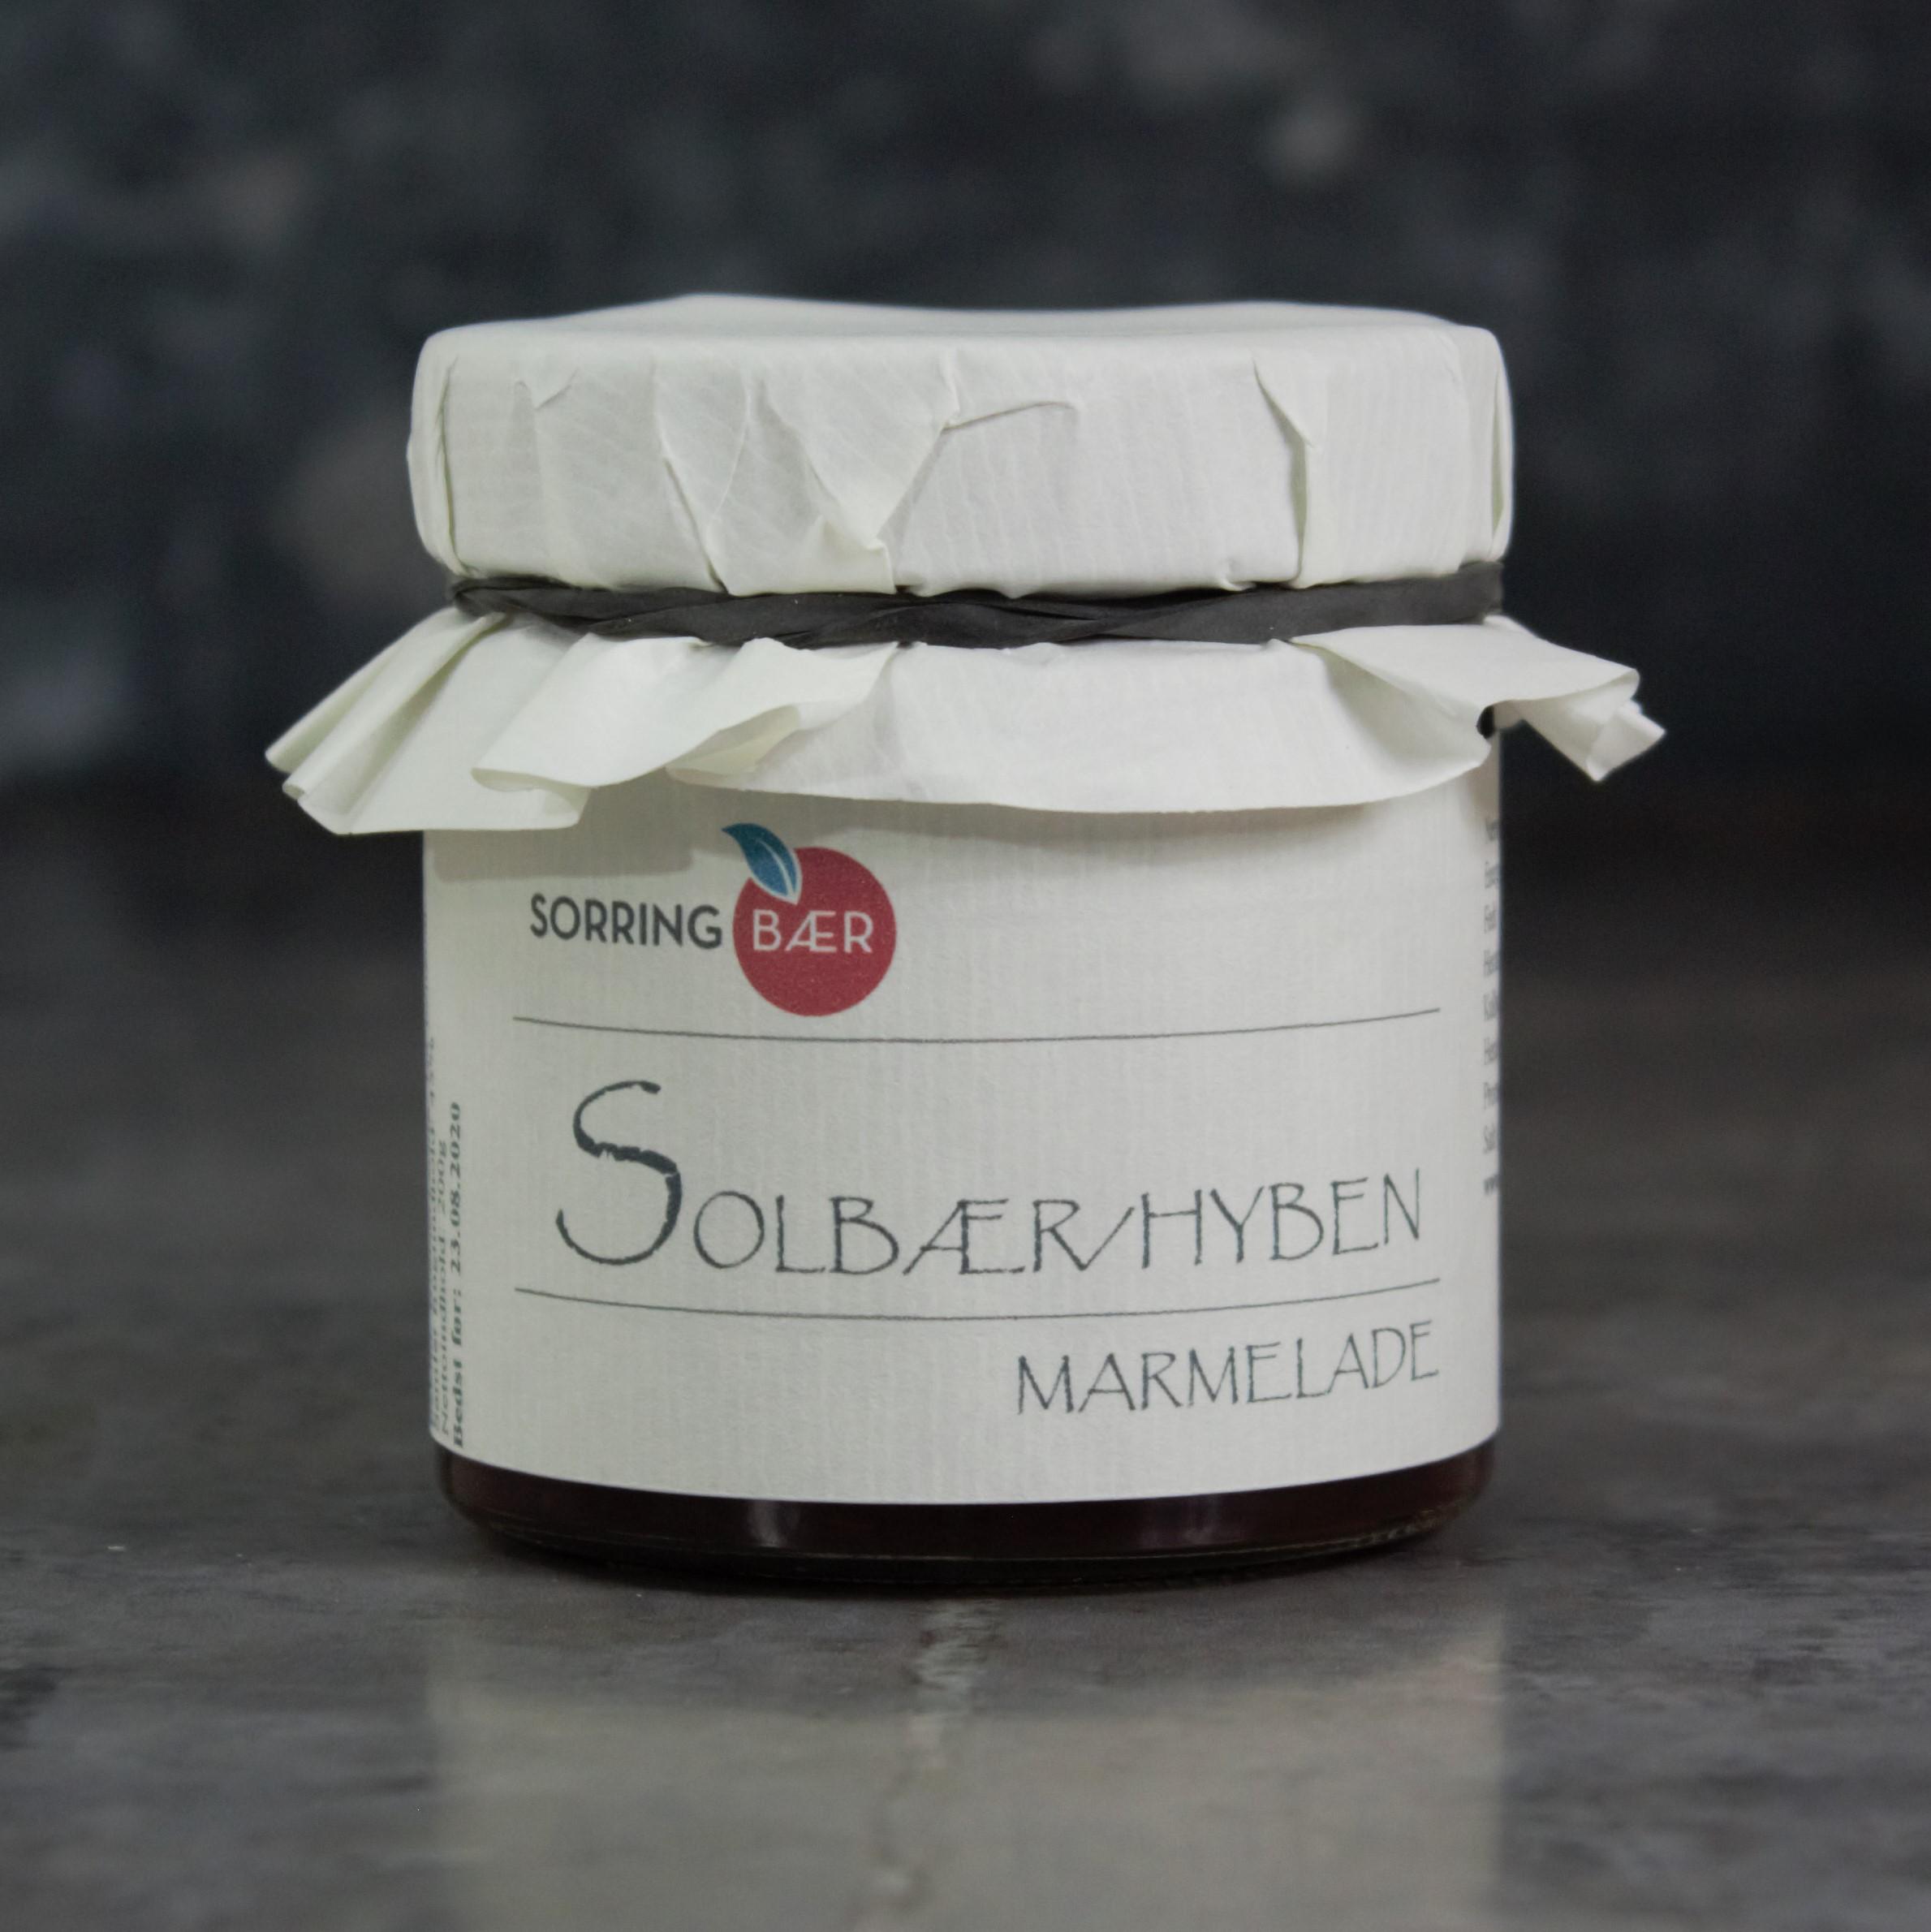 Solbær/ hybenmarmelade, 200g